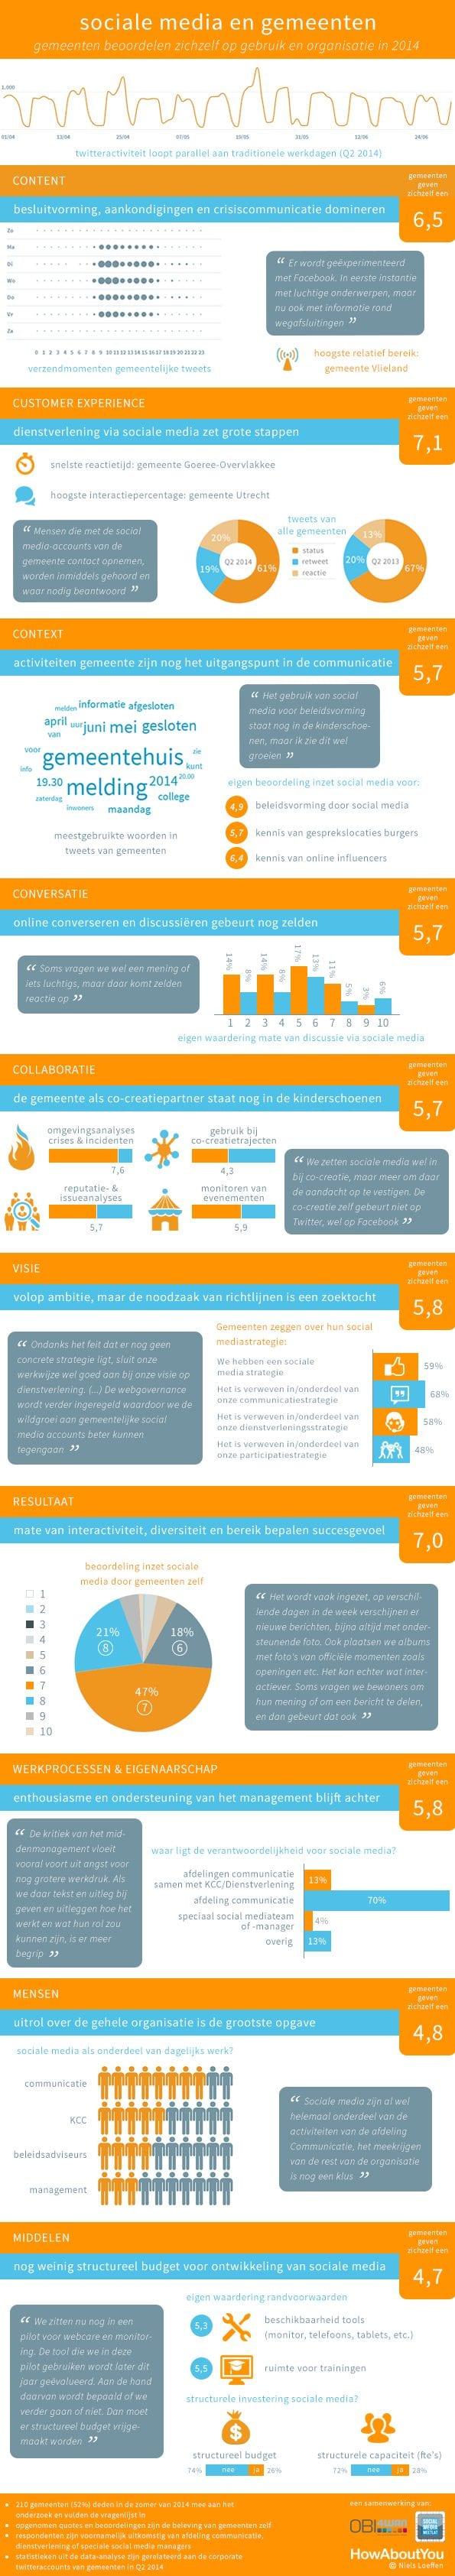 Infographic gemeenten en sociale media 2014